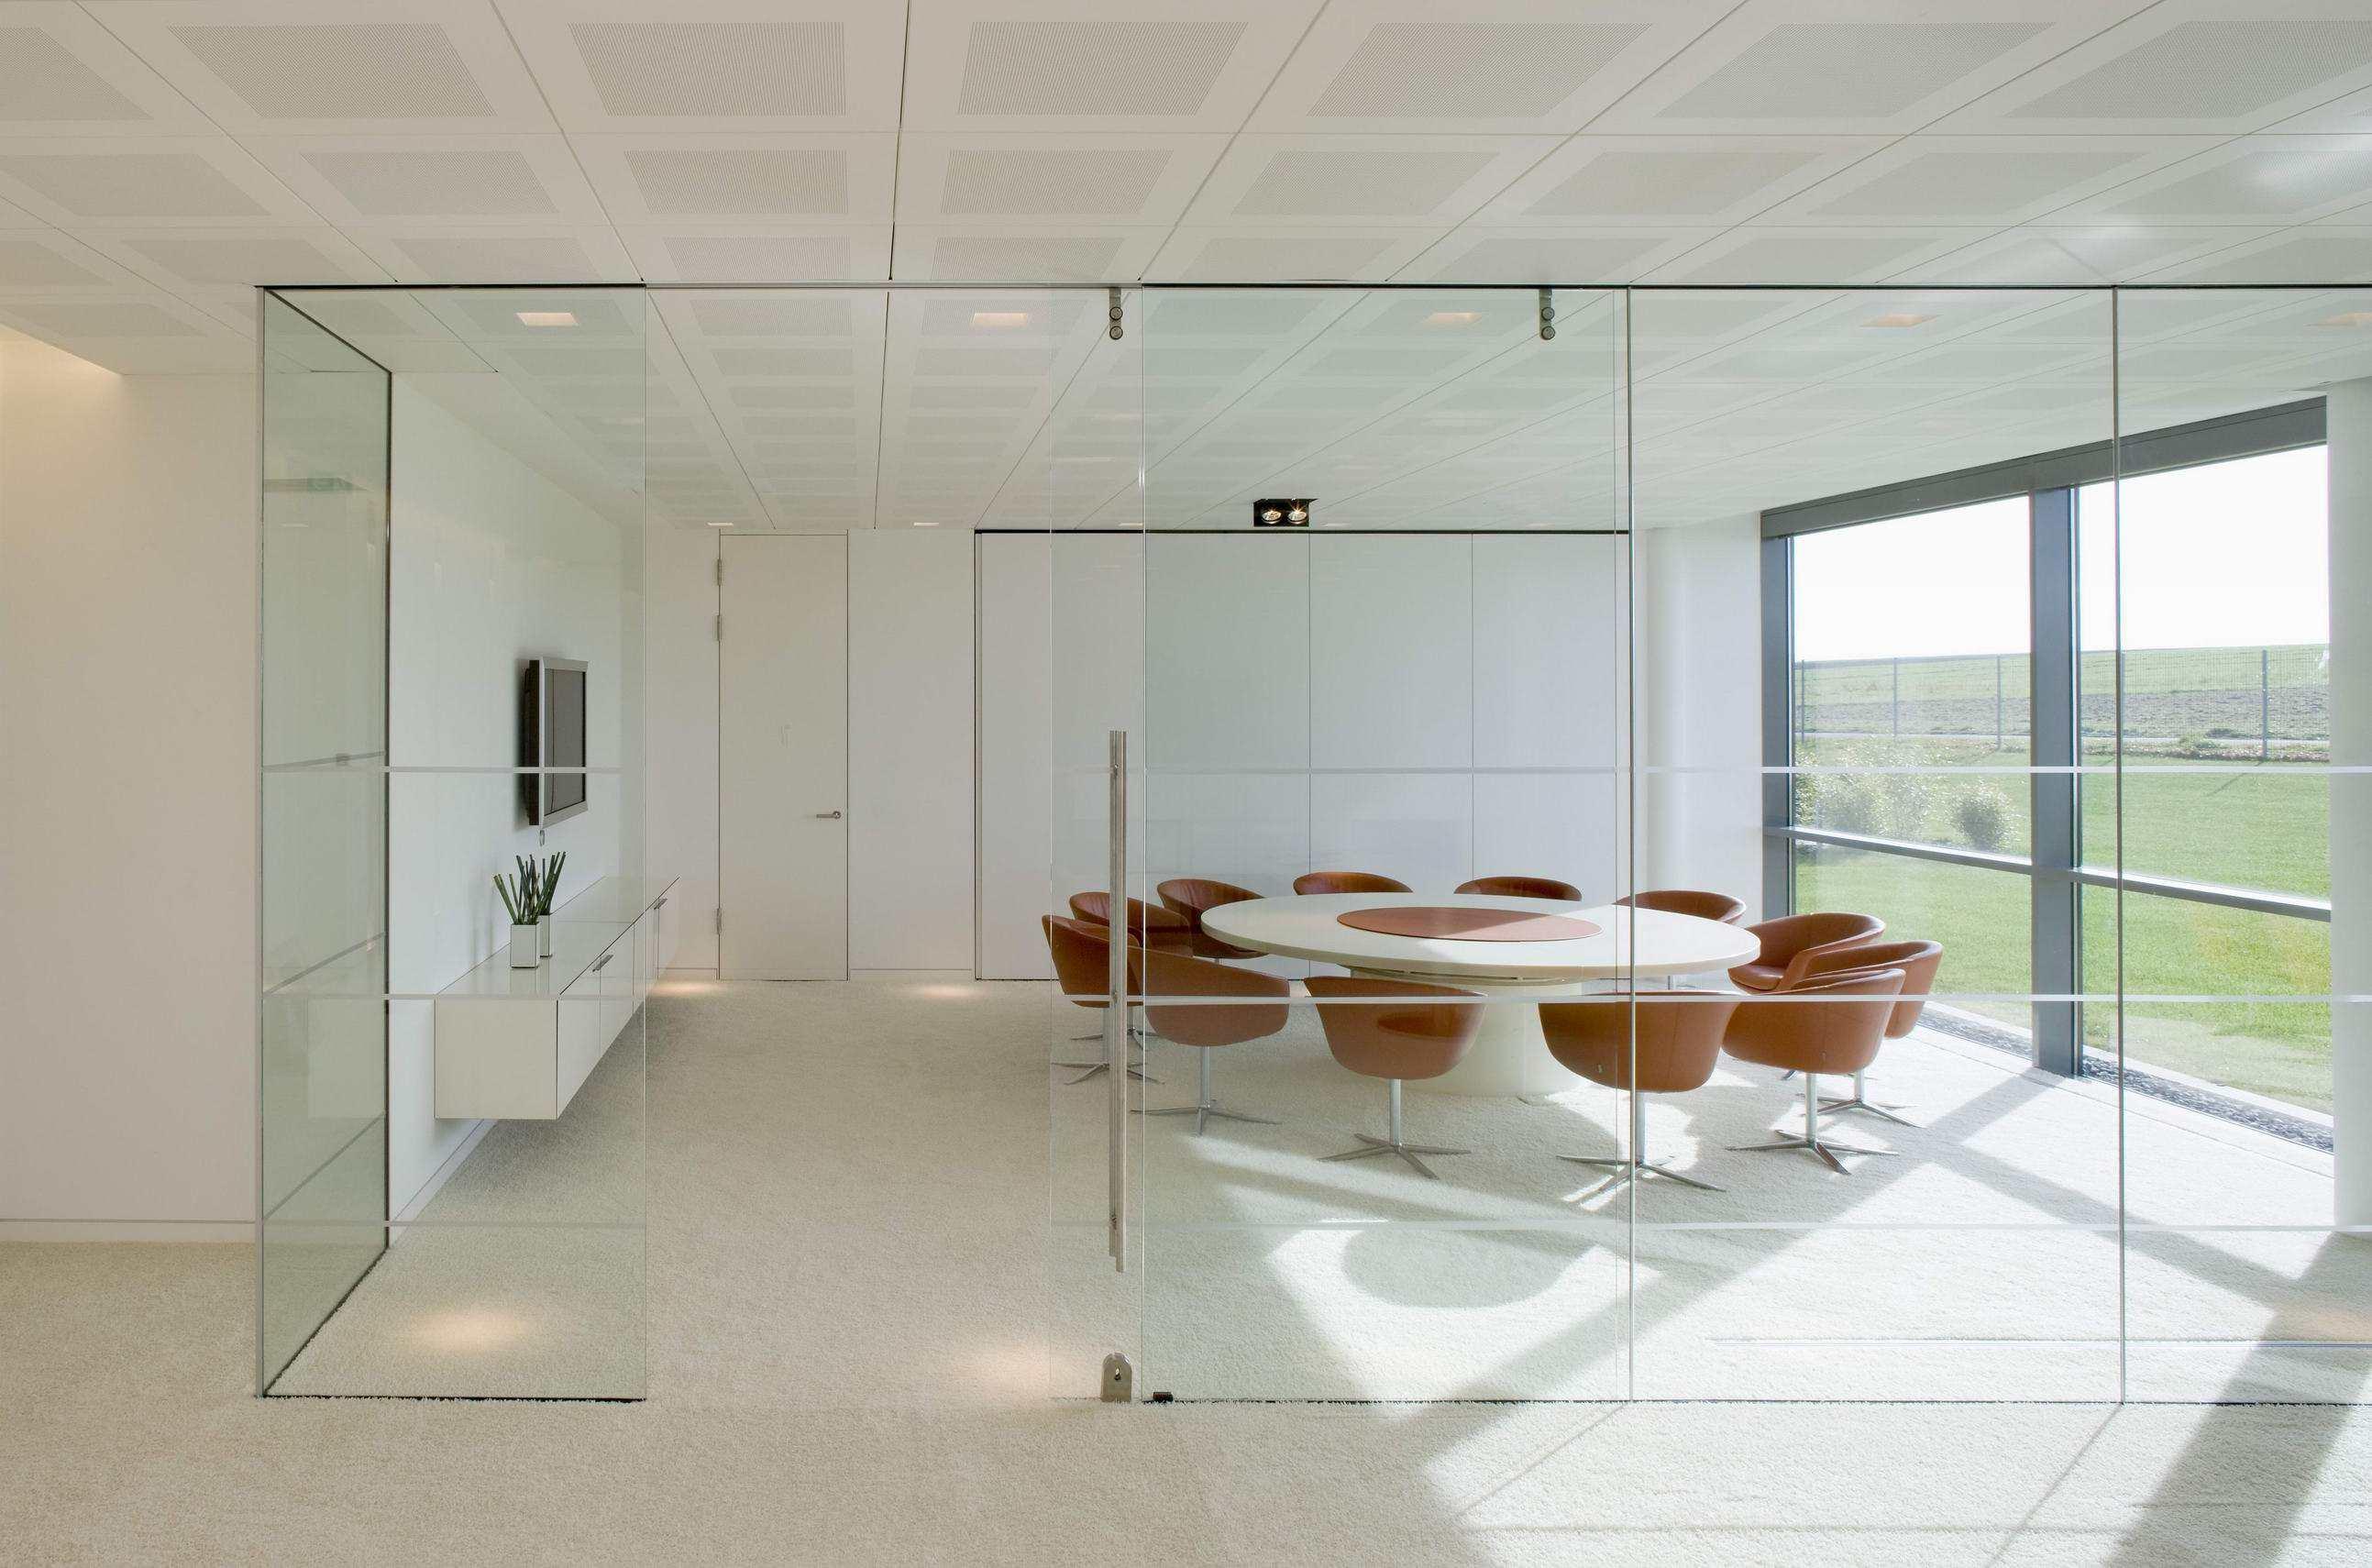 广告传媒办公室装修设计—三种常用_合肥工装公司